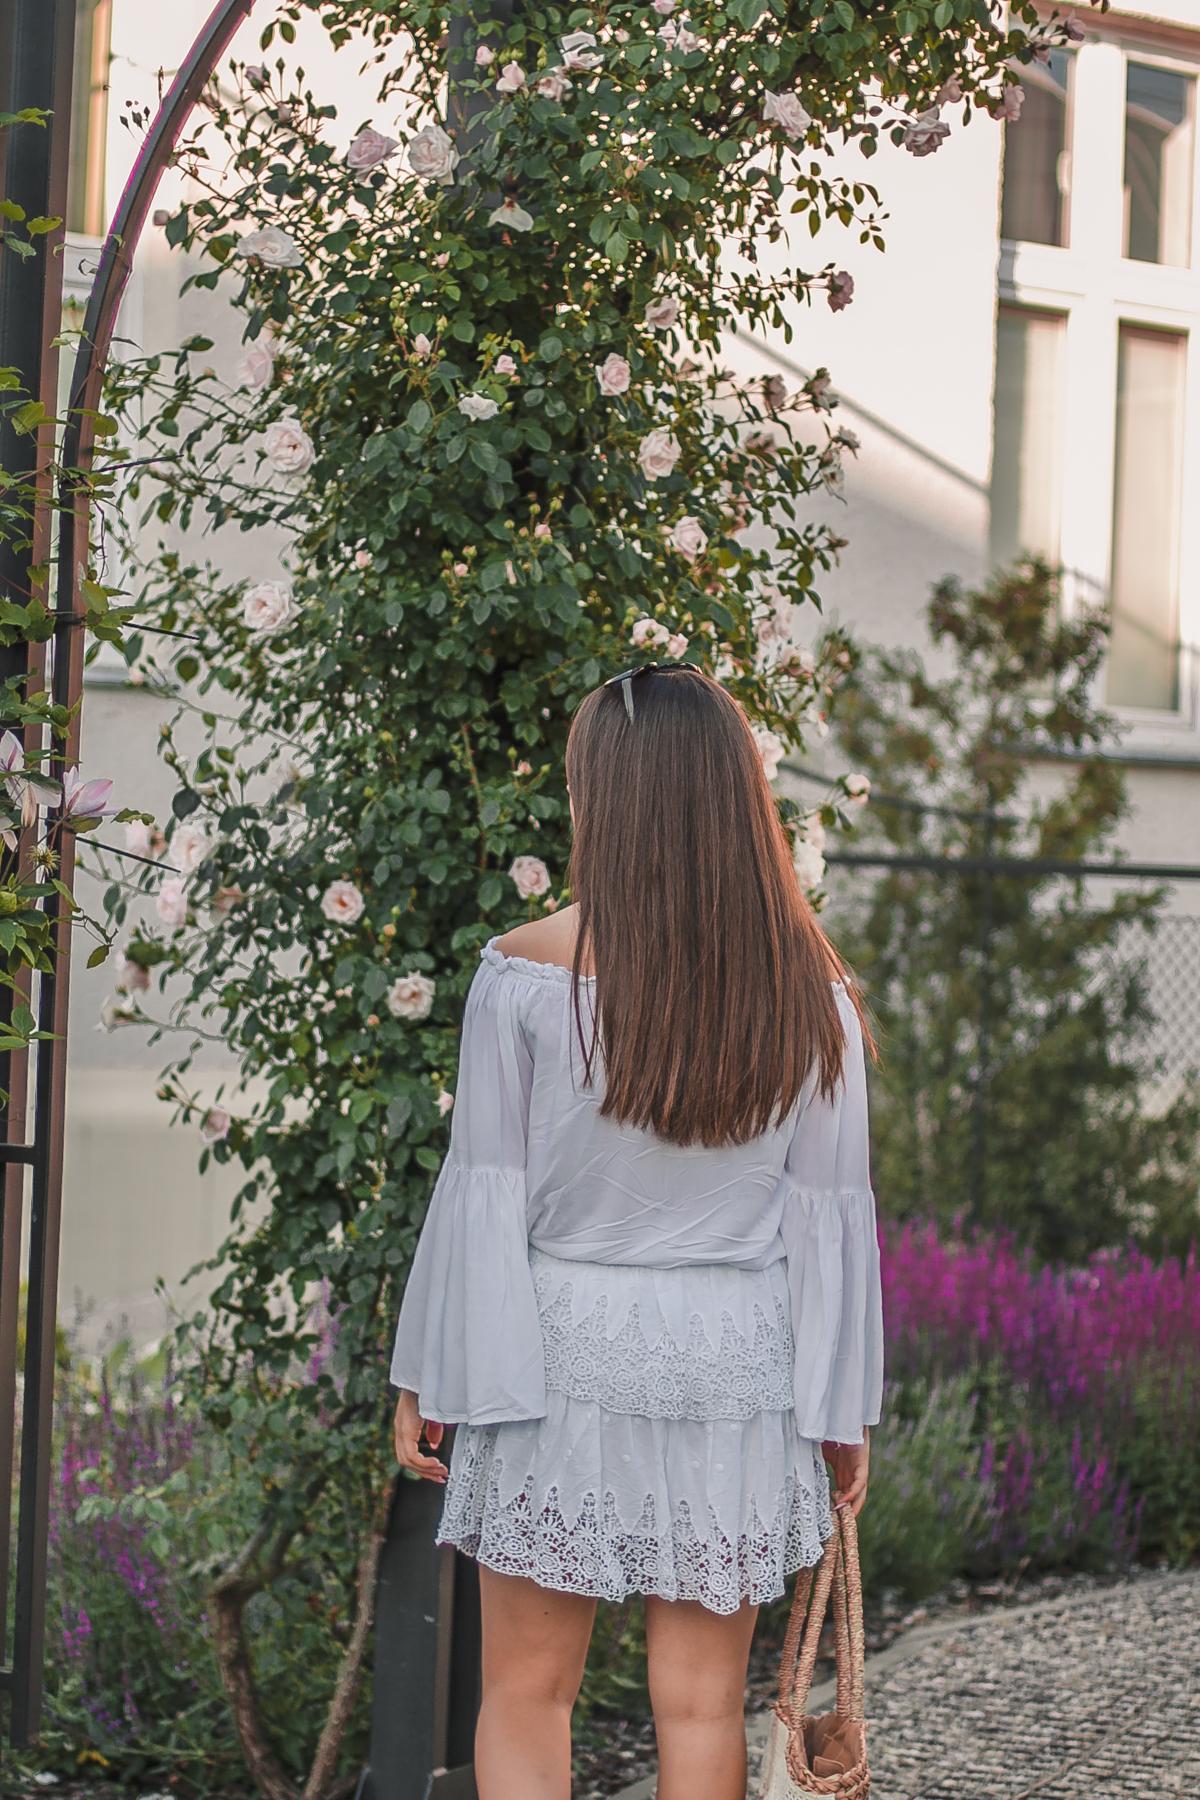 haftowana spódnica koronkowa